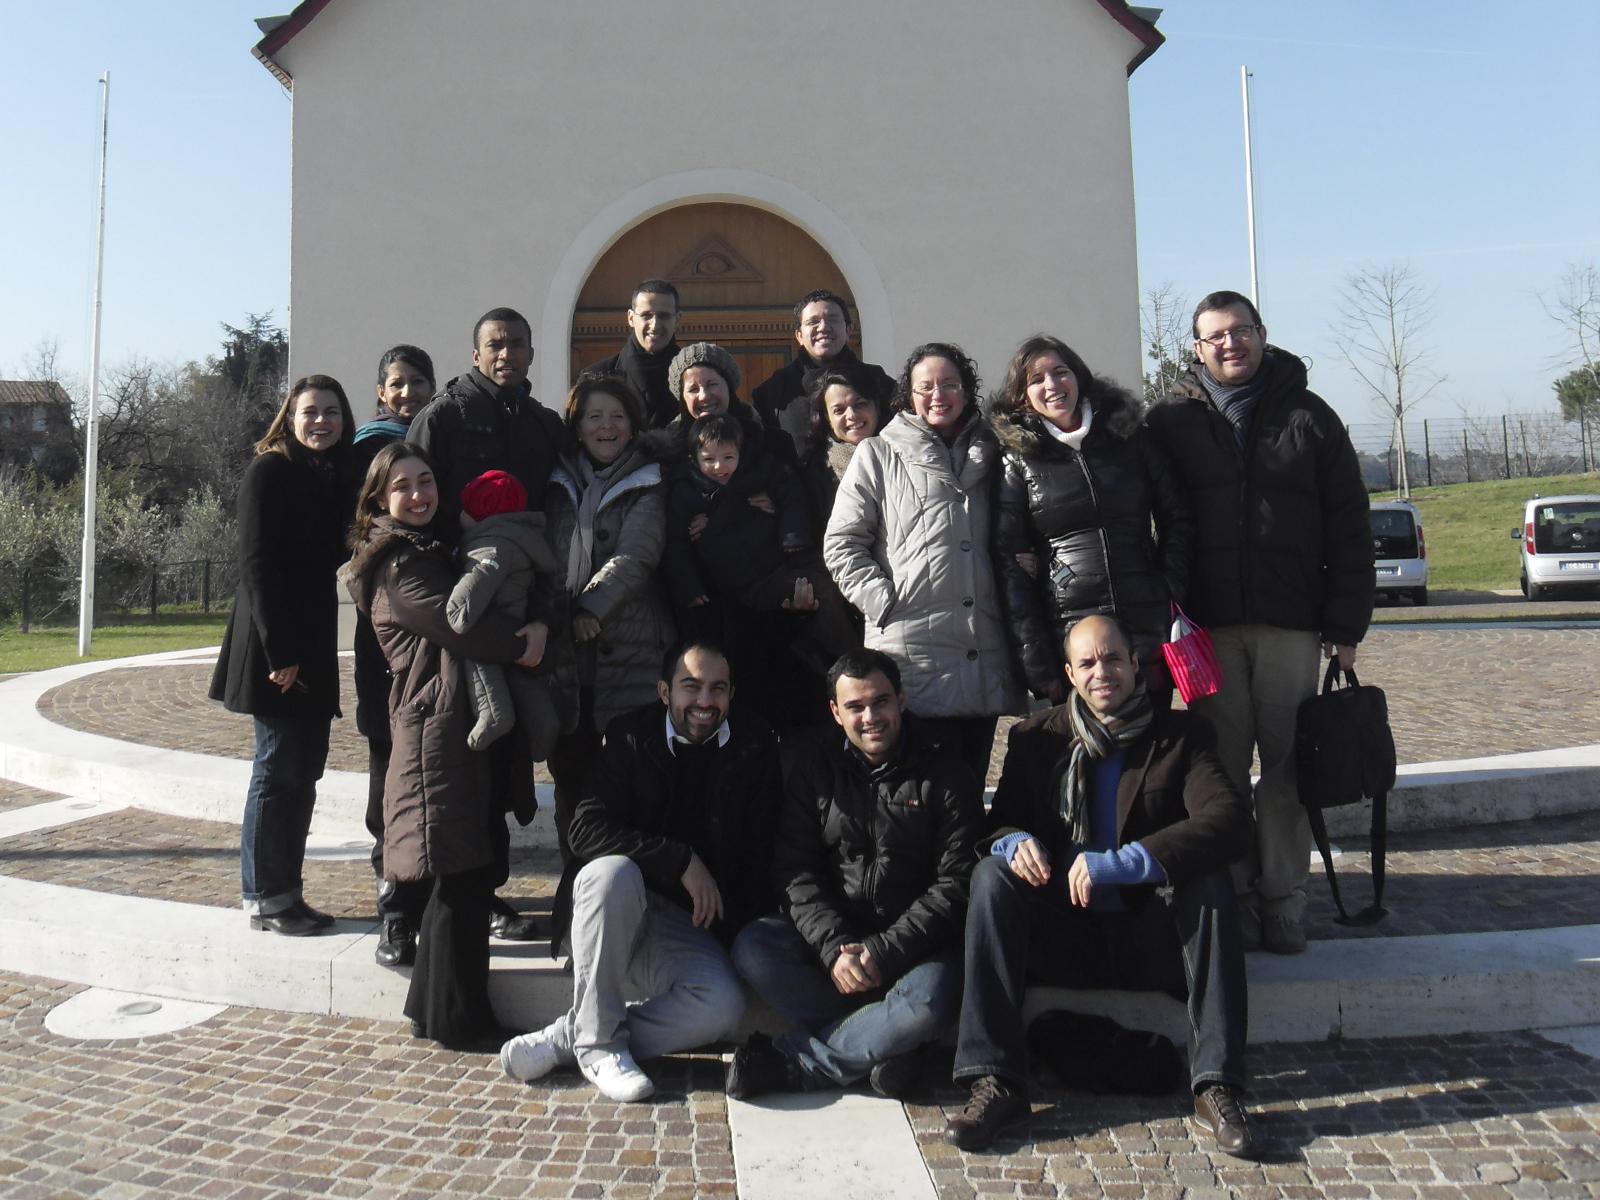 20 anos de evangelização e difusão do carisma Canção Nova em Roma (3)